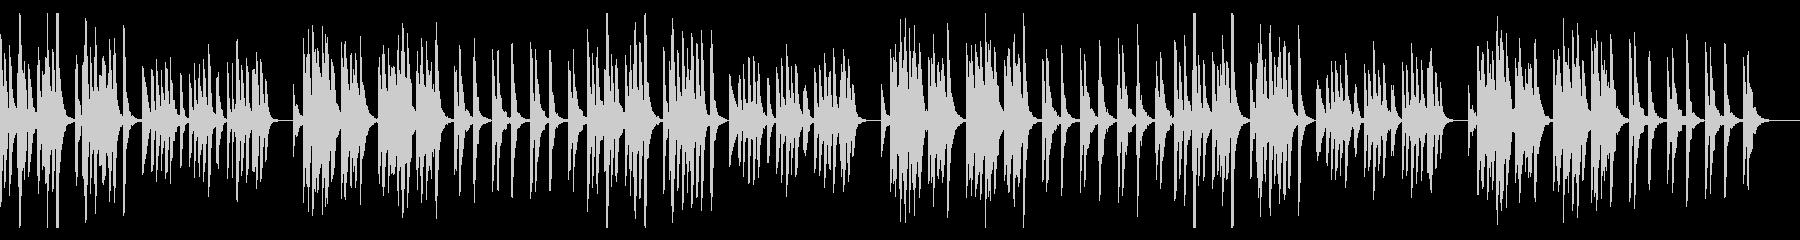 ダークでコミカルでシンプル、すこしかわいの未再生の波形